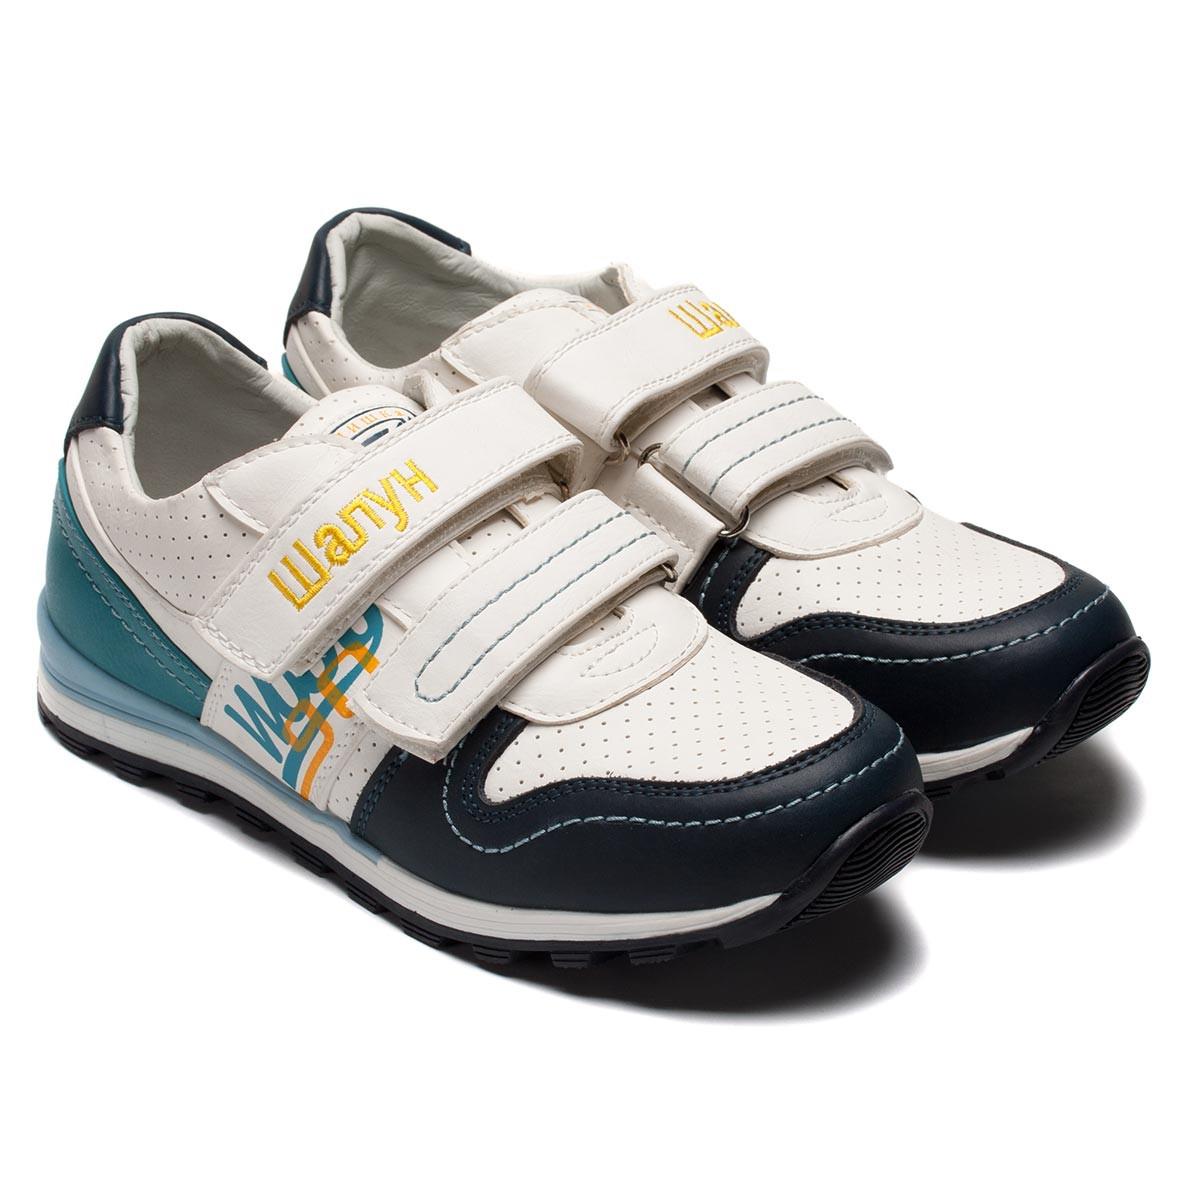 Спортивные кроссовки Шалунишка для мальчика, ортопедическая стелька, размер 32-37